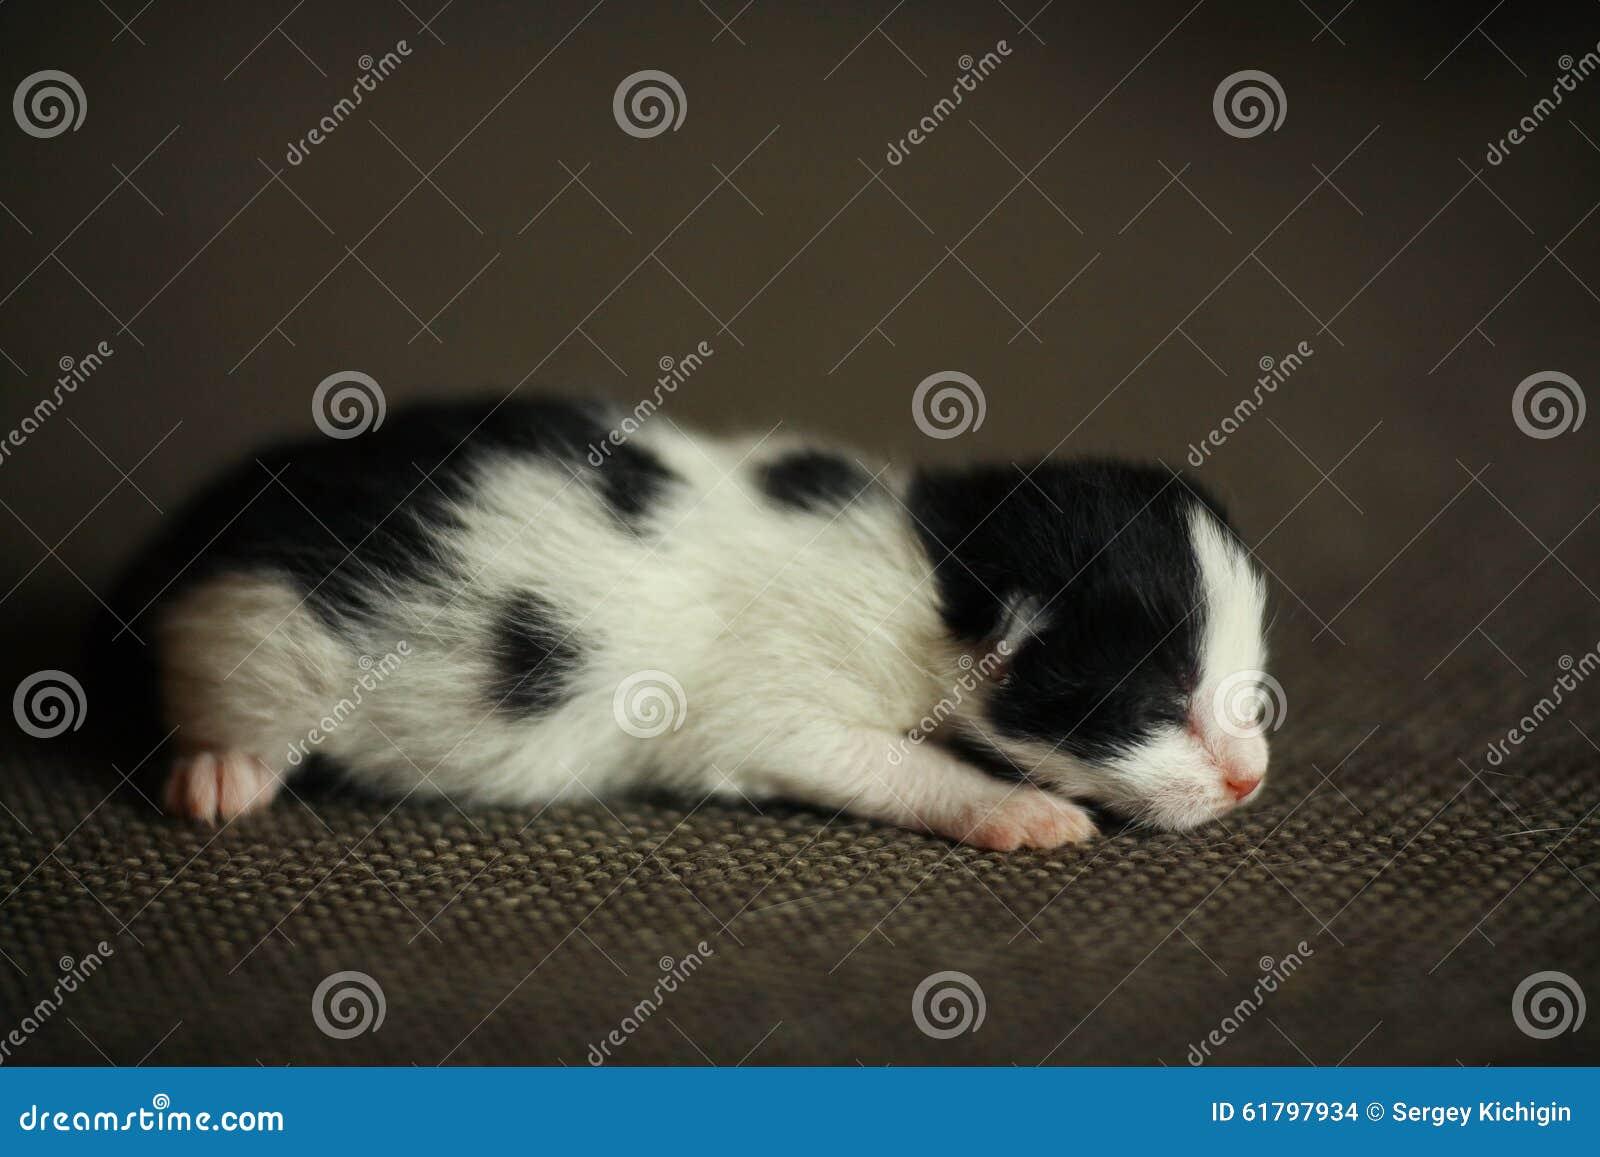 Eben getragenes kleines Kätzchen